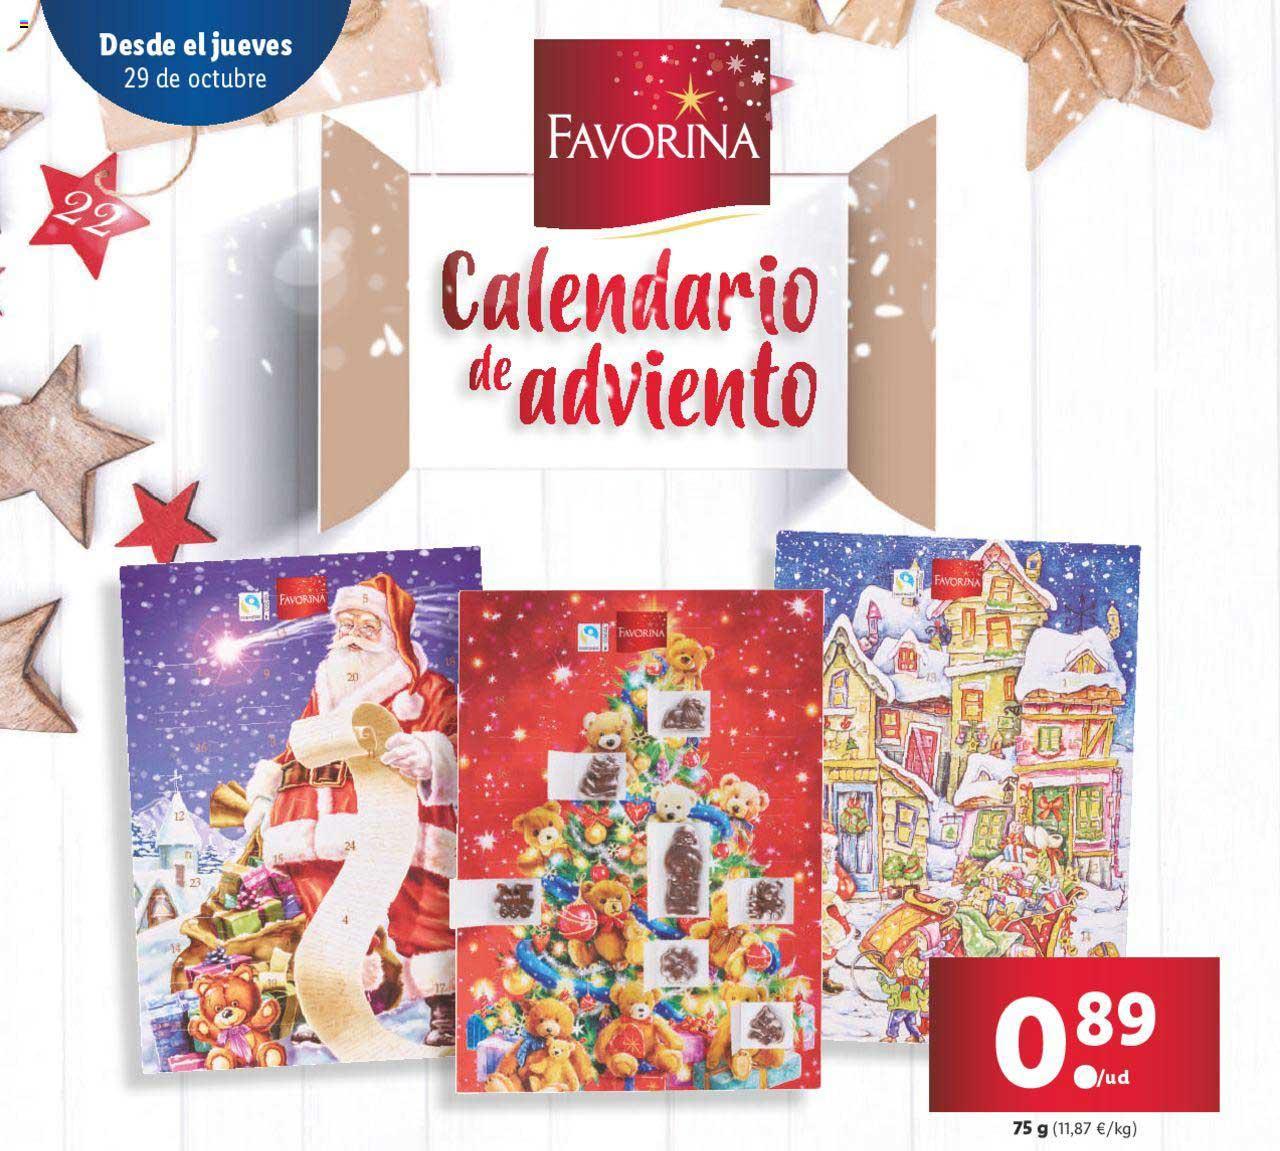 LIDL Favorina Calendario De Adviento